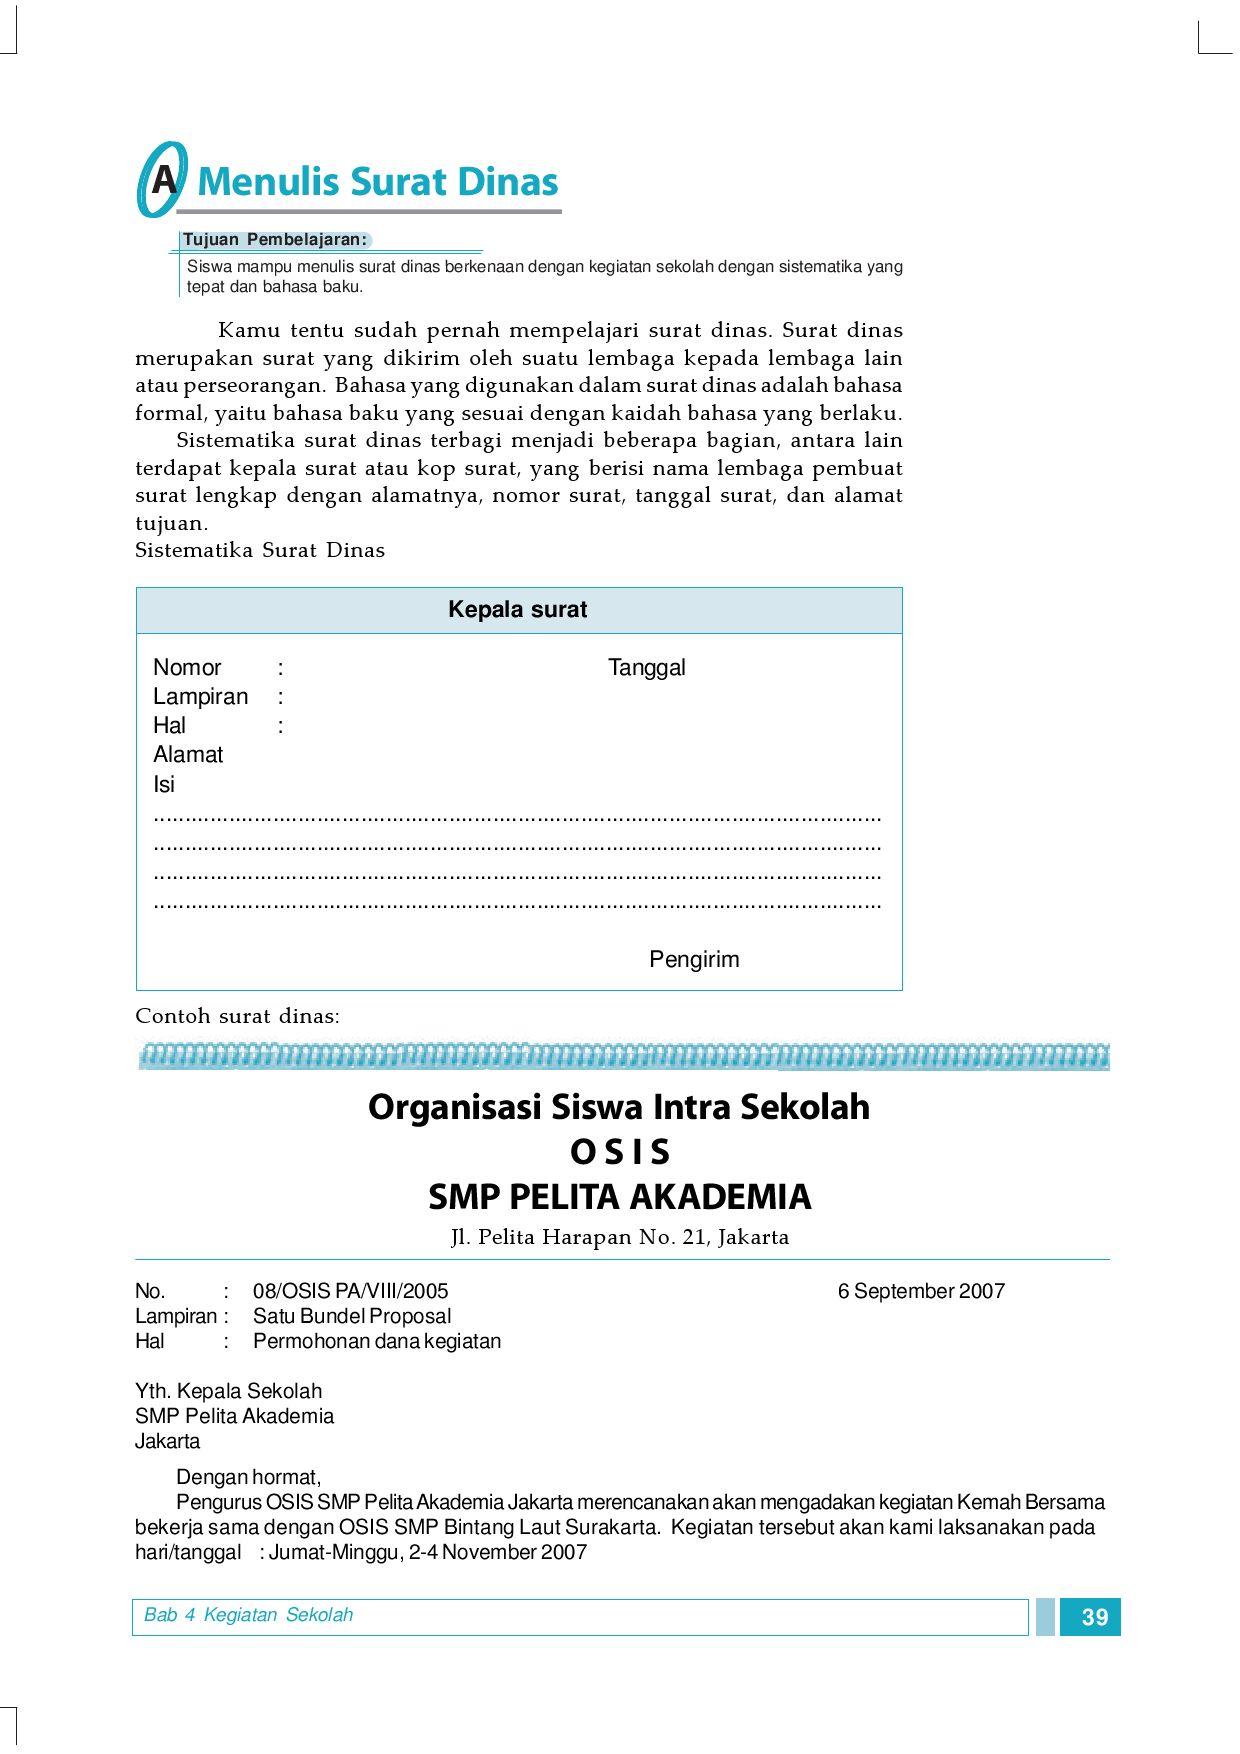 Kelas08 Bahasa Dan Sastra Indonesia 2 Dwi Septi By S Van Selagan Issuu